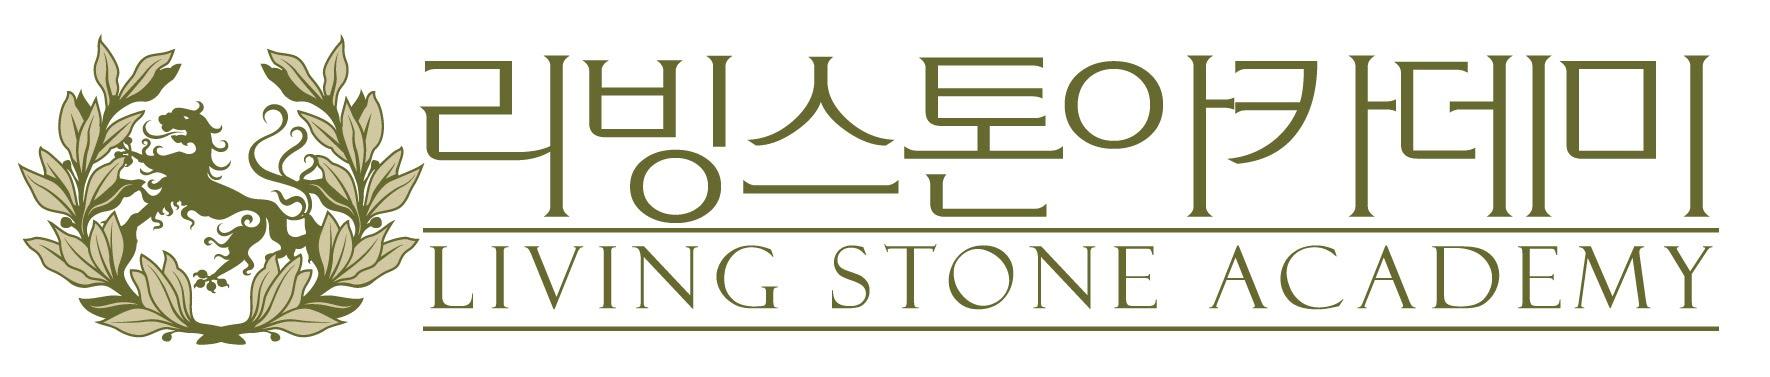 https://www.livingstoneacademy.org/